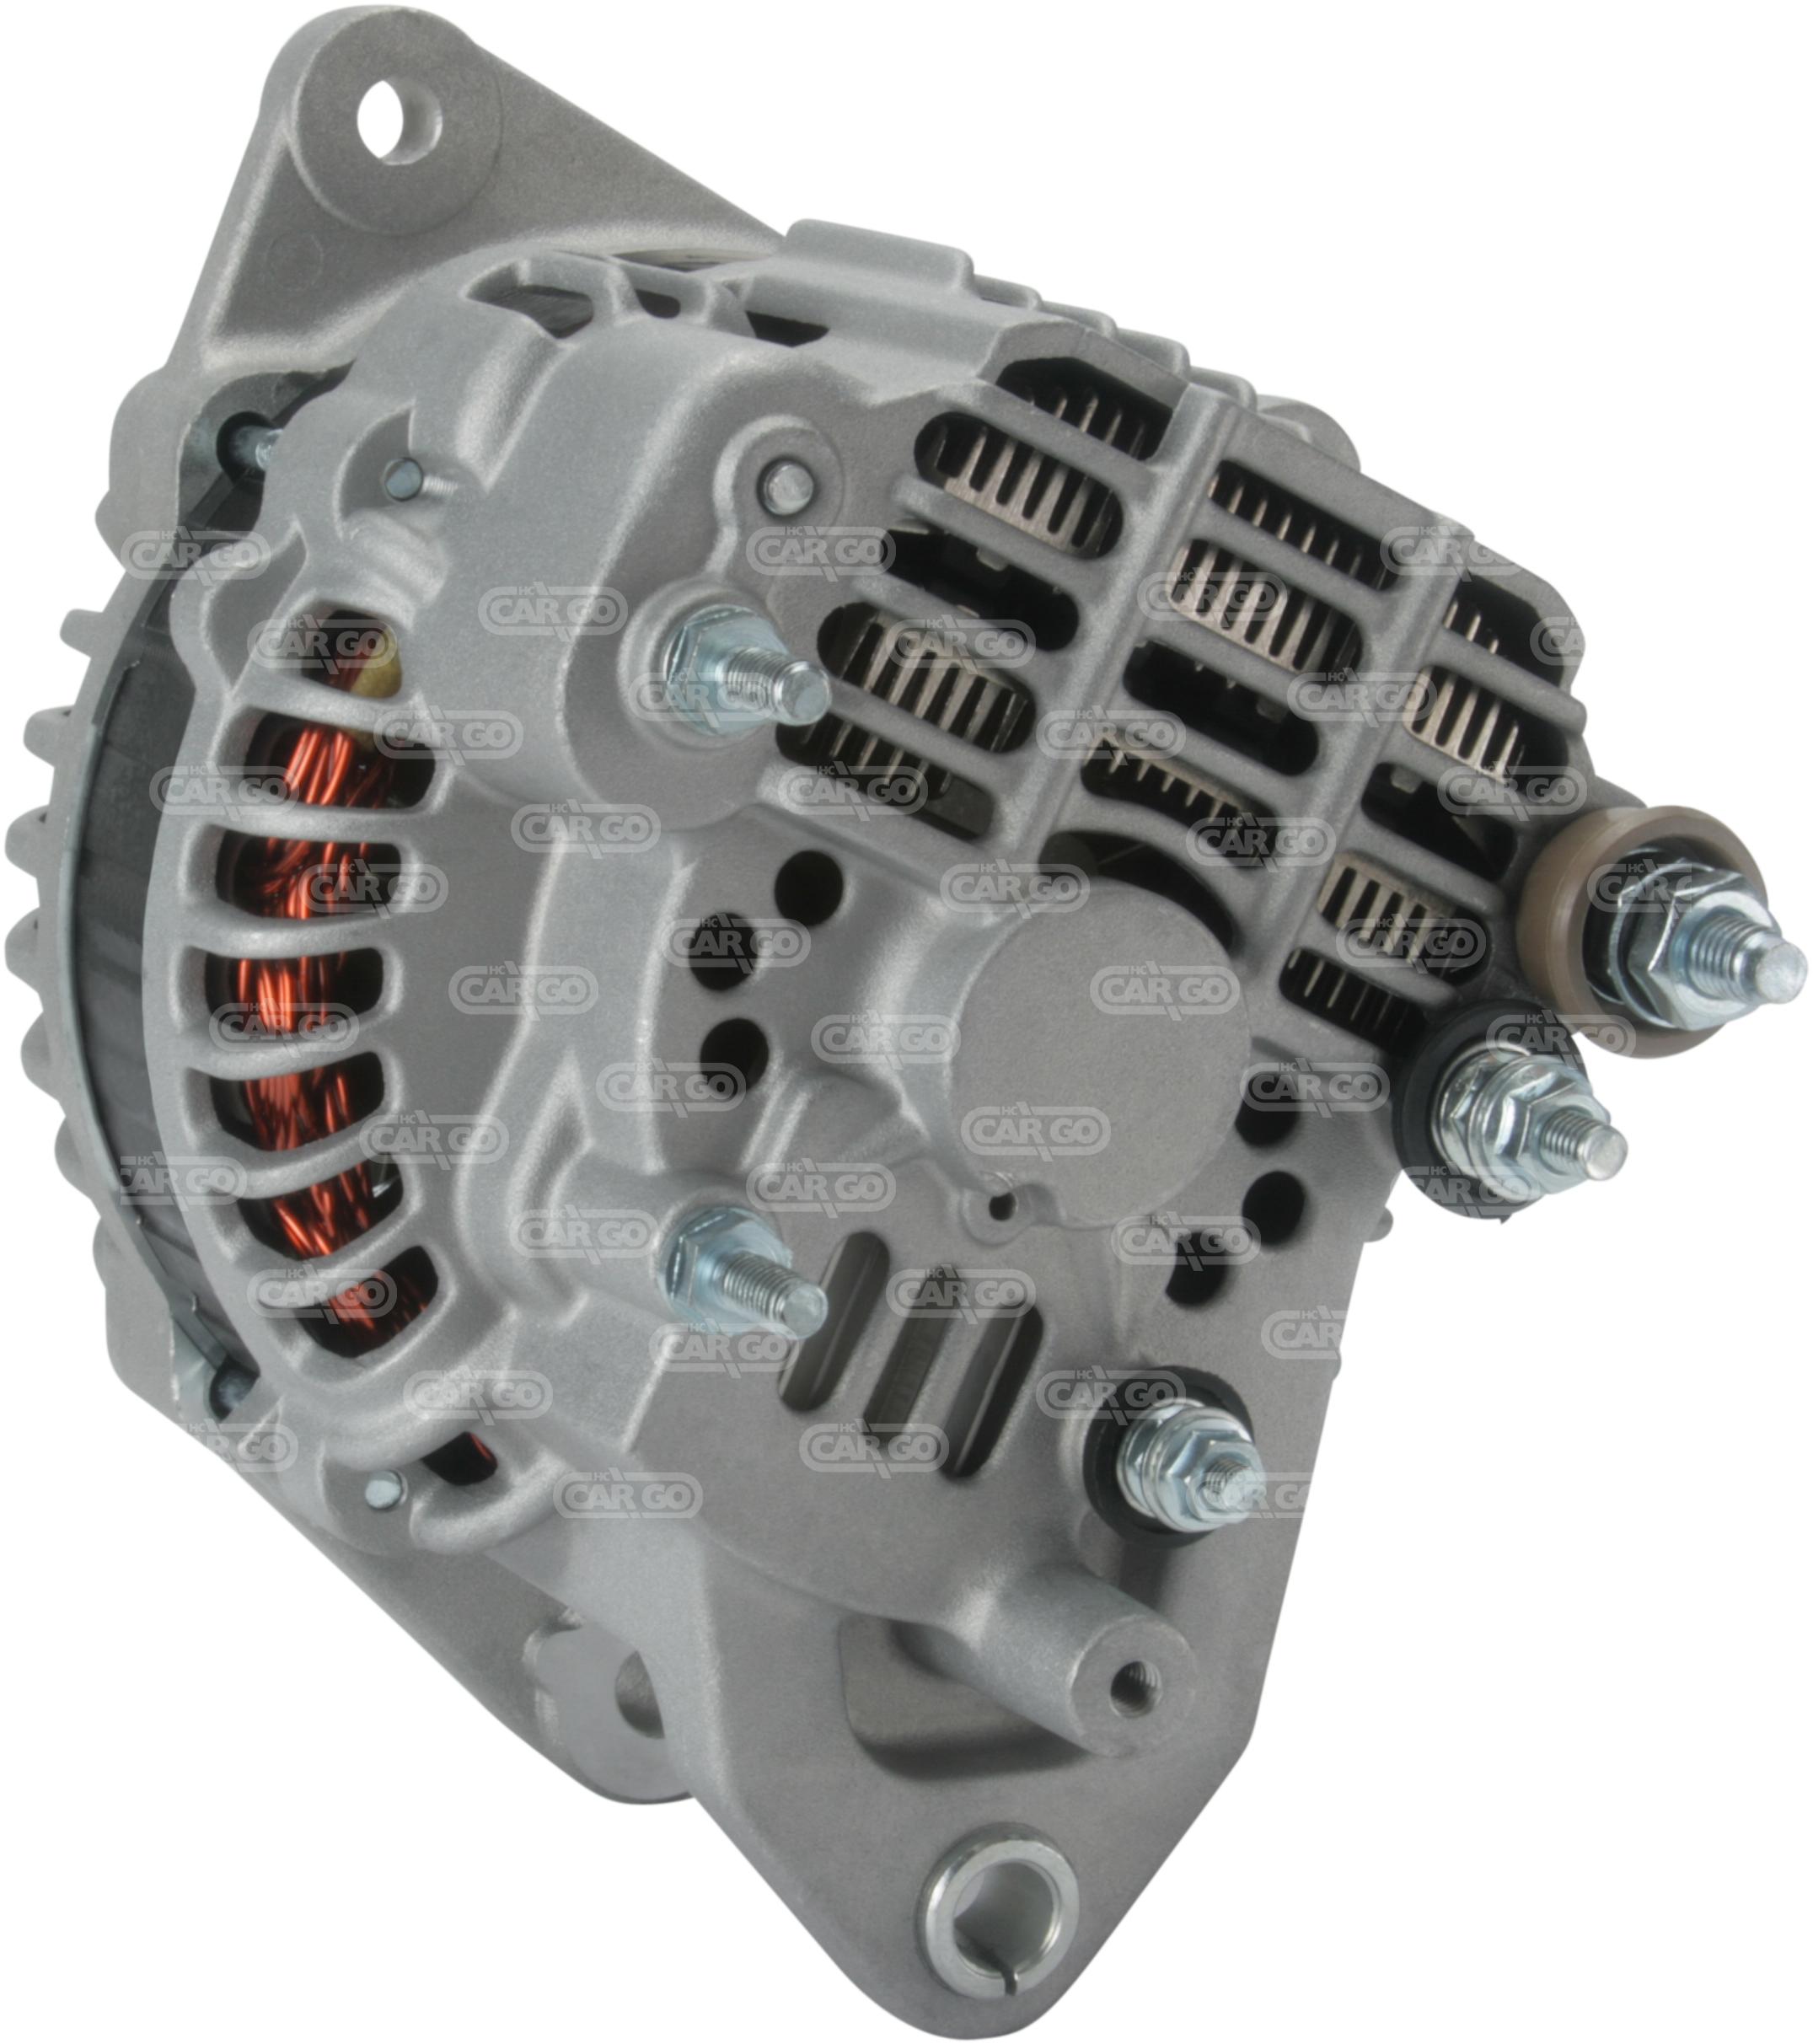 Alternateur 042 Voltage28 Amp60 BorneW